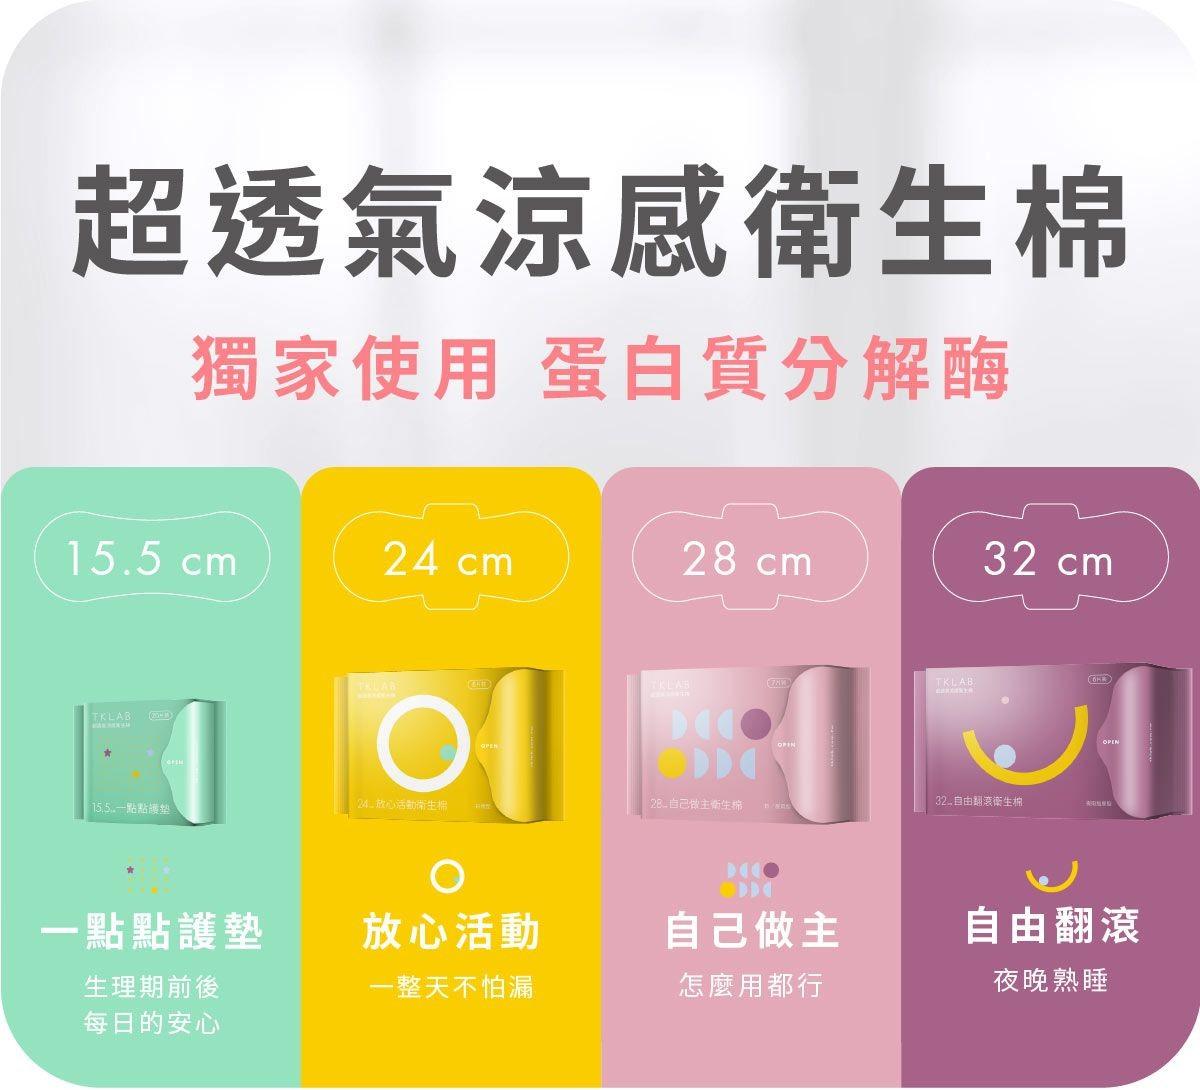 新品-涼感抑菌衛生棉,6/2正式上市